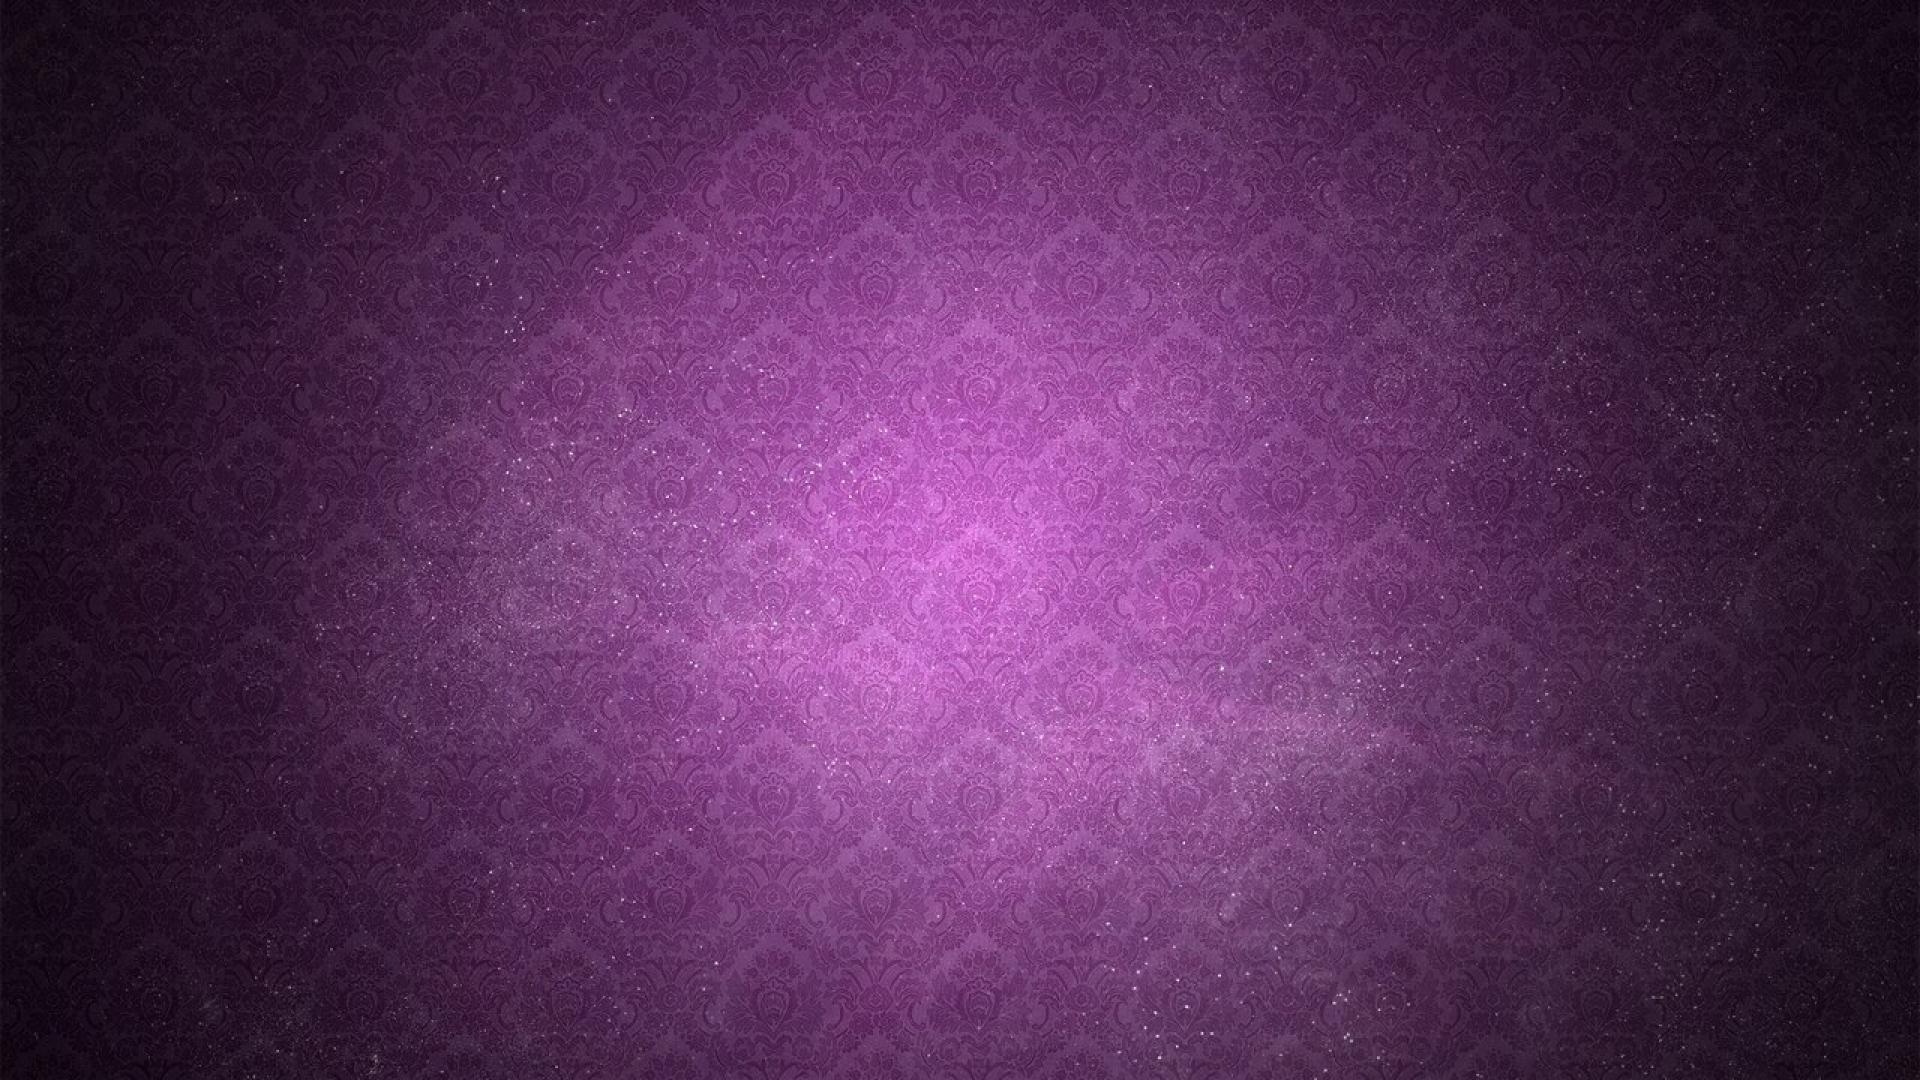 purple royal hd wallpaper   18849   HQ Desktop Wallpapers 1920x1080